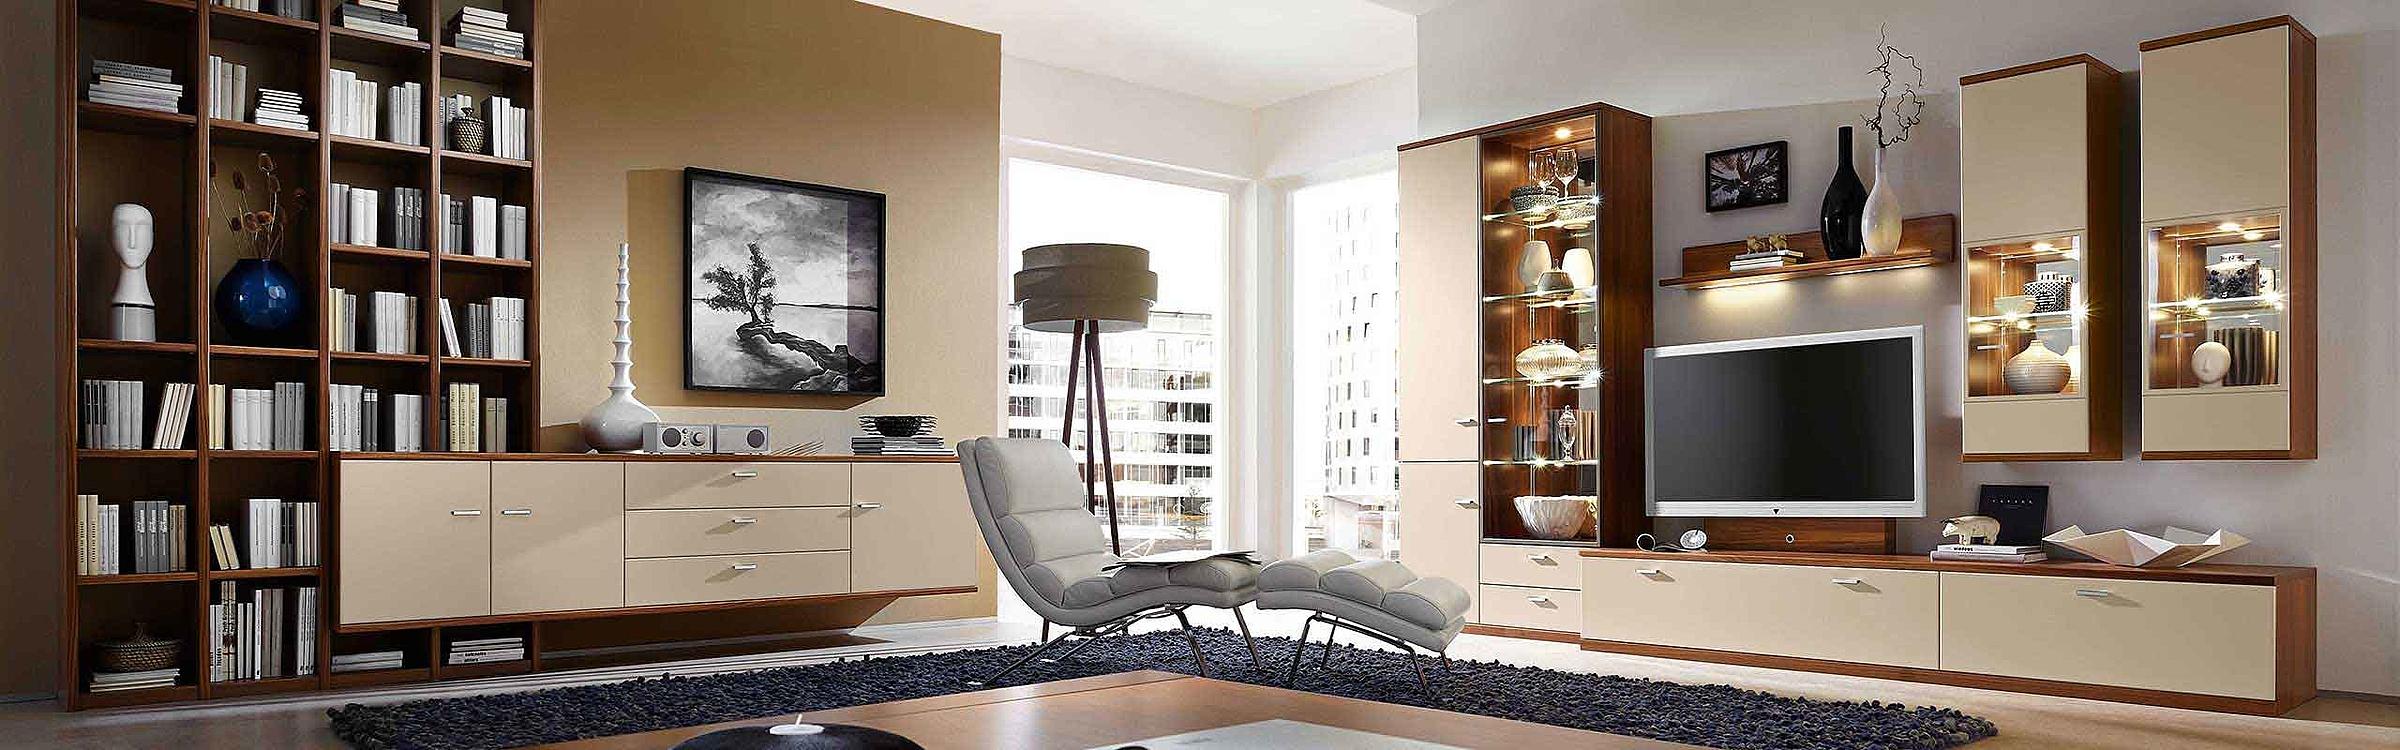 Wohnwand Regal Couchtisch Wohnzimmer Hochglanz Manhattan